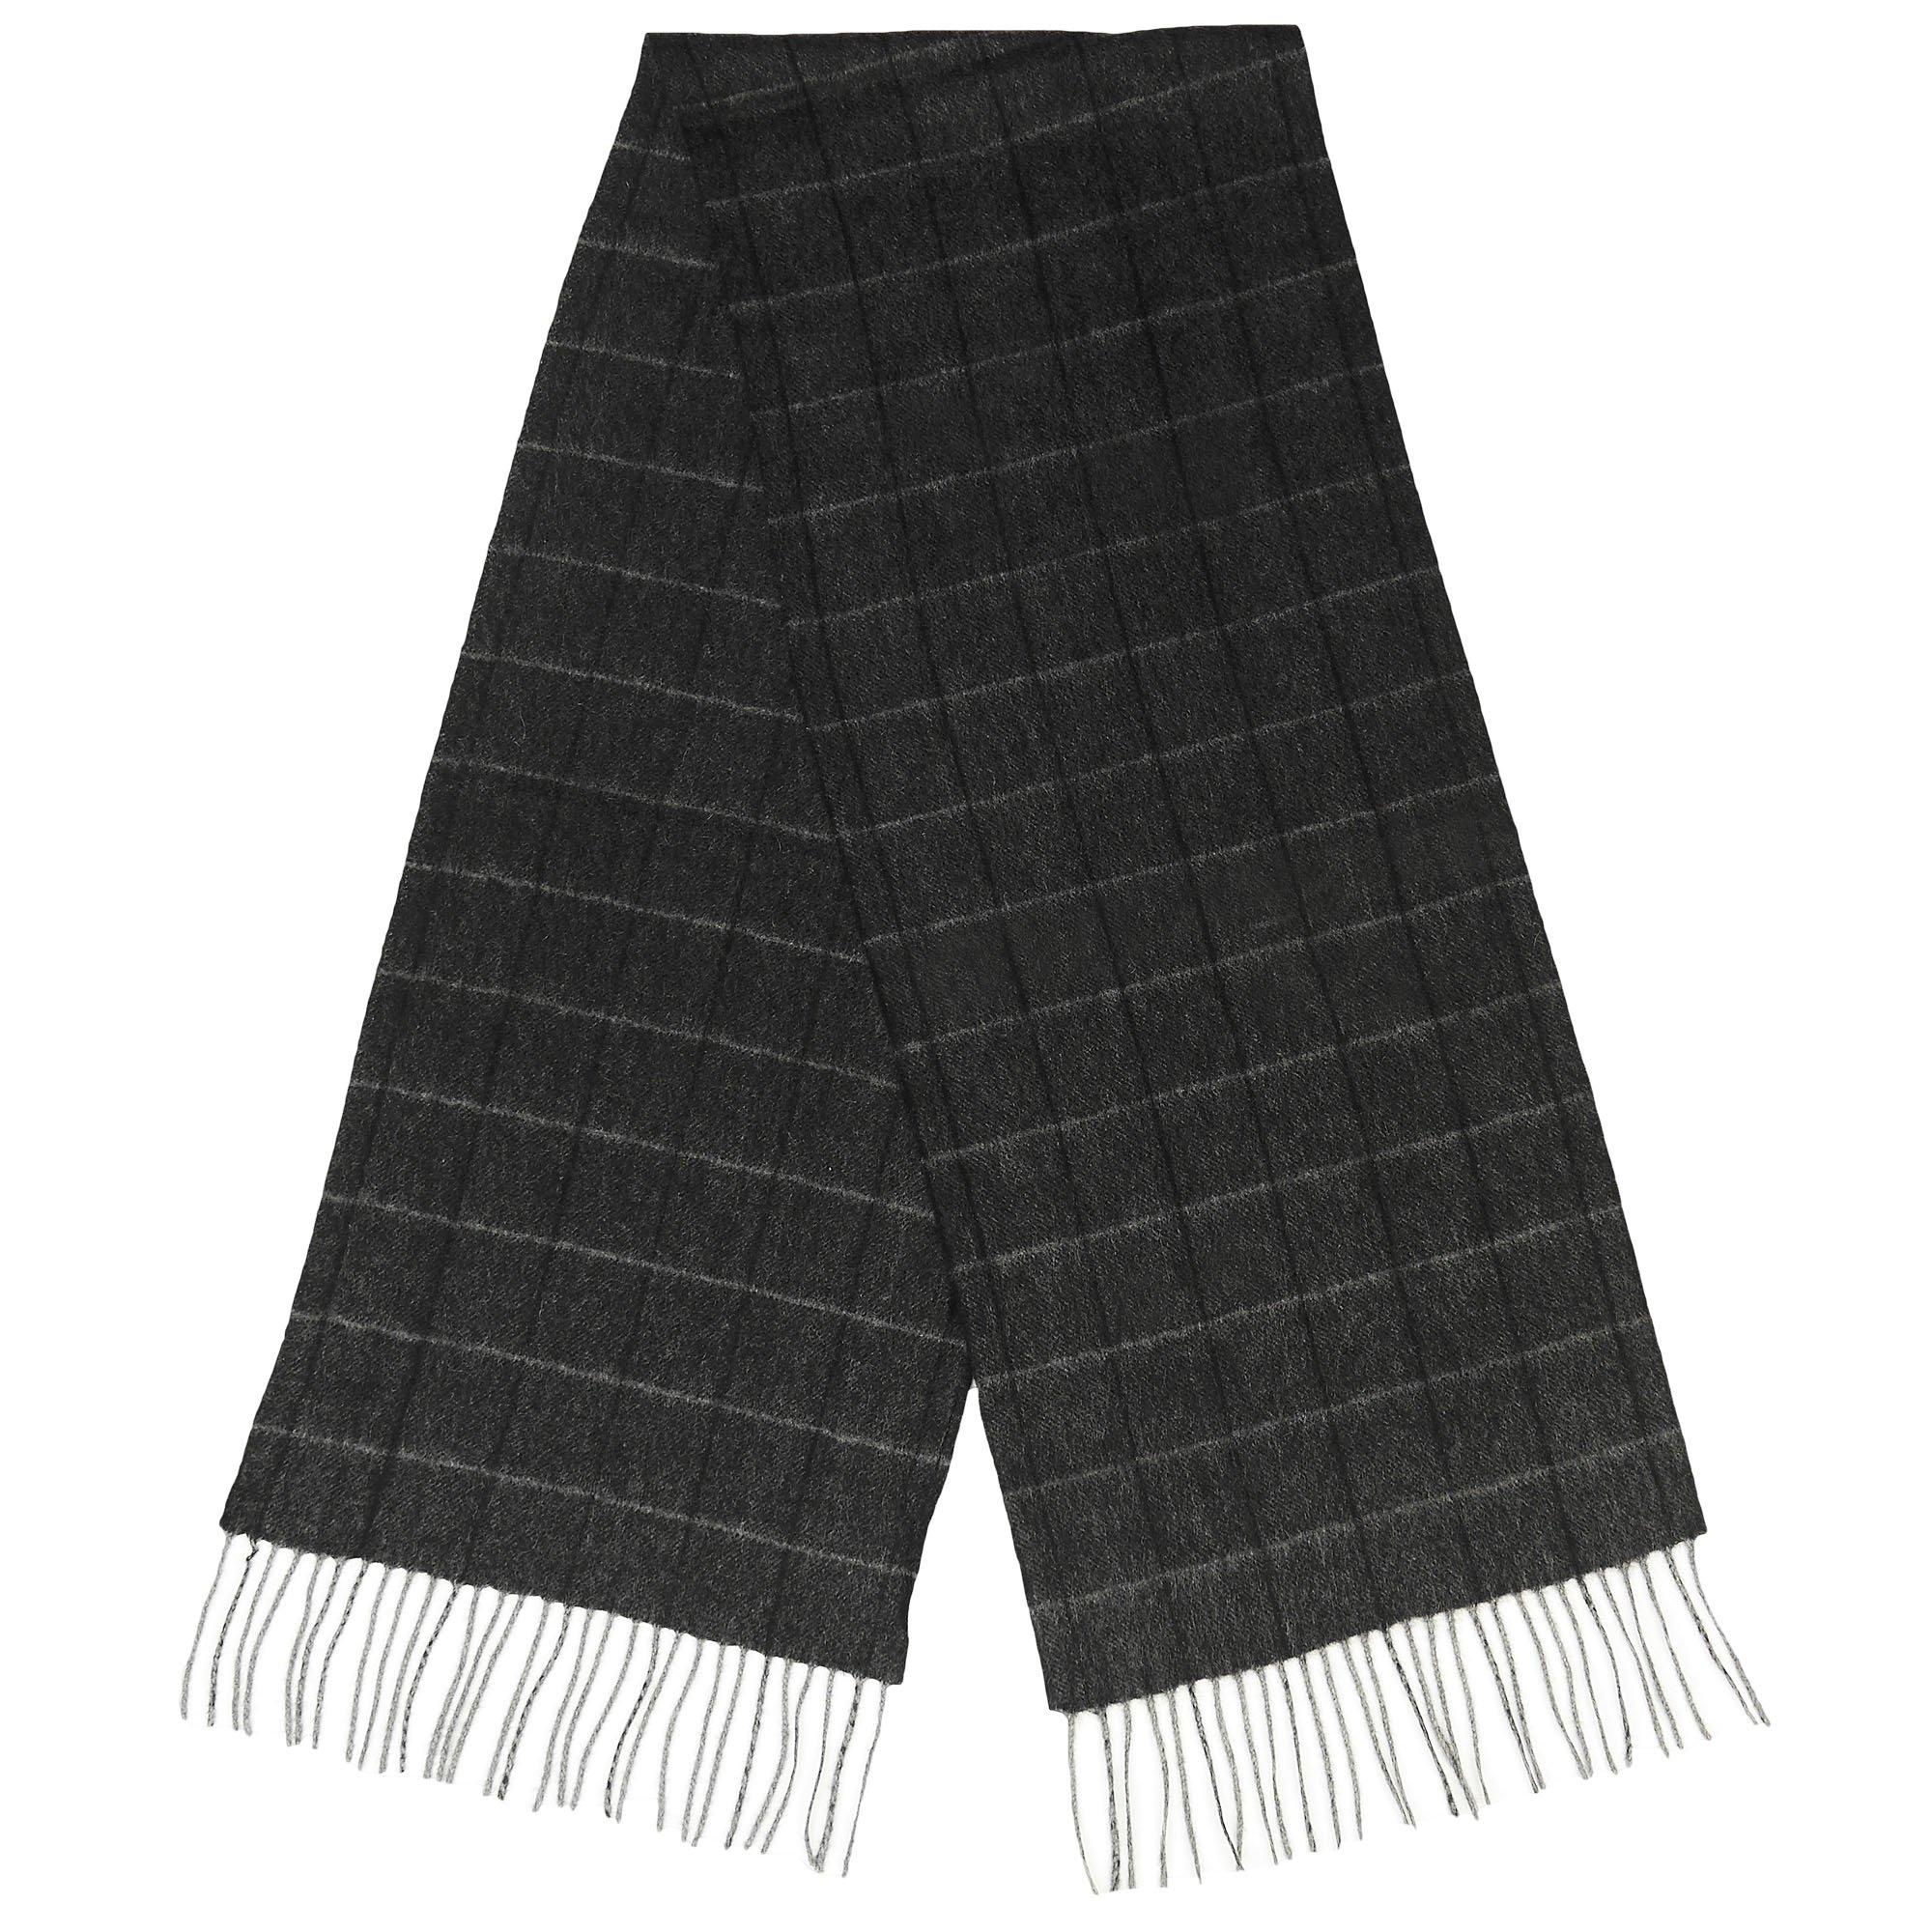 Men's 100% Premium Cashmere Scarf | Soft, Warm, Elegant, Luxury by LEON (605)